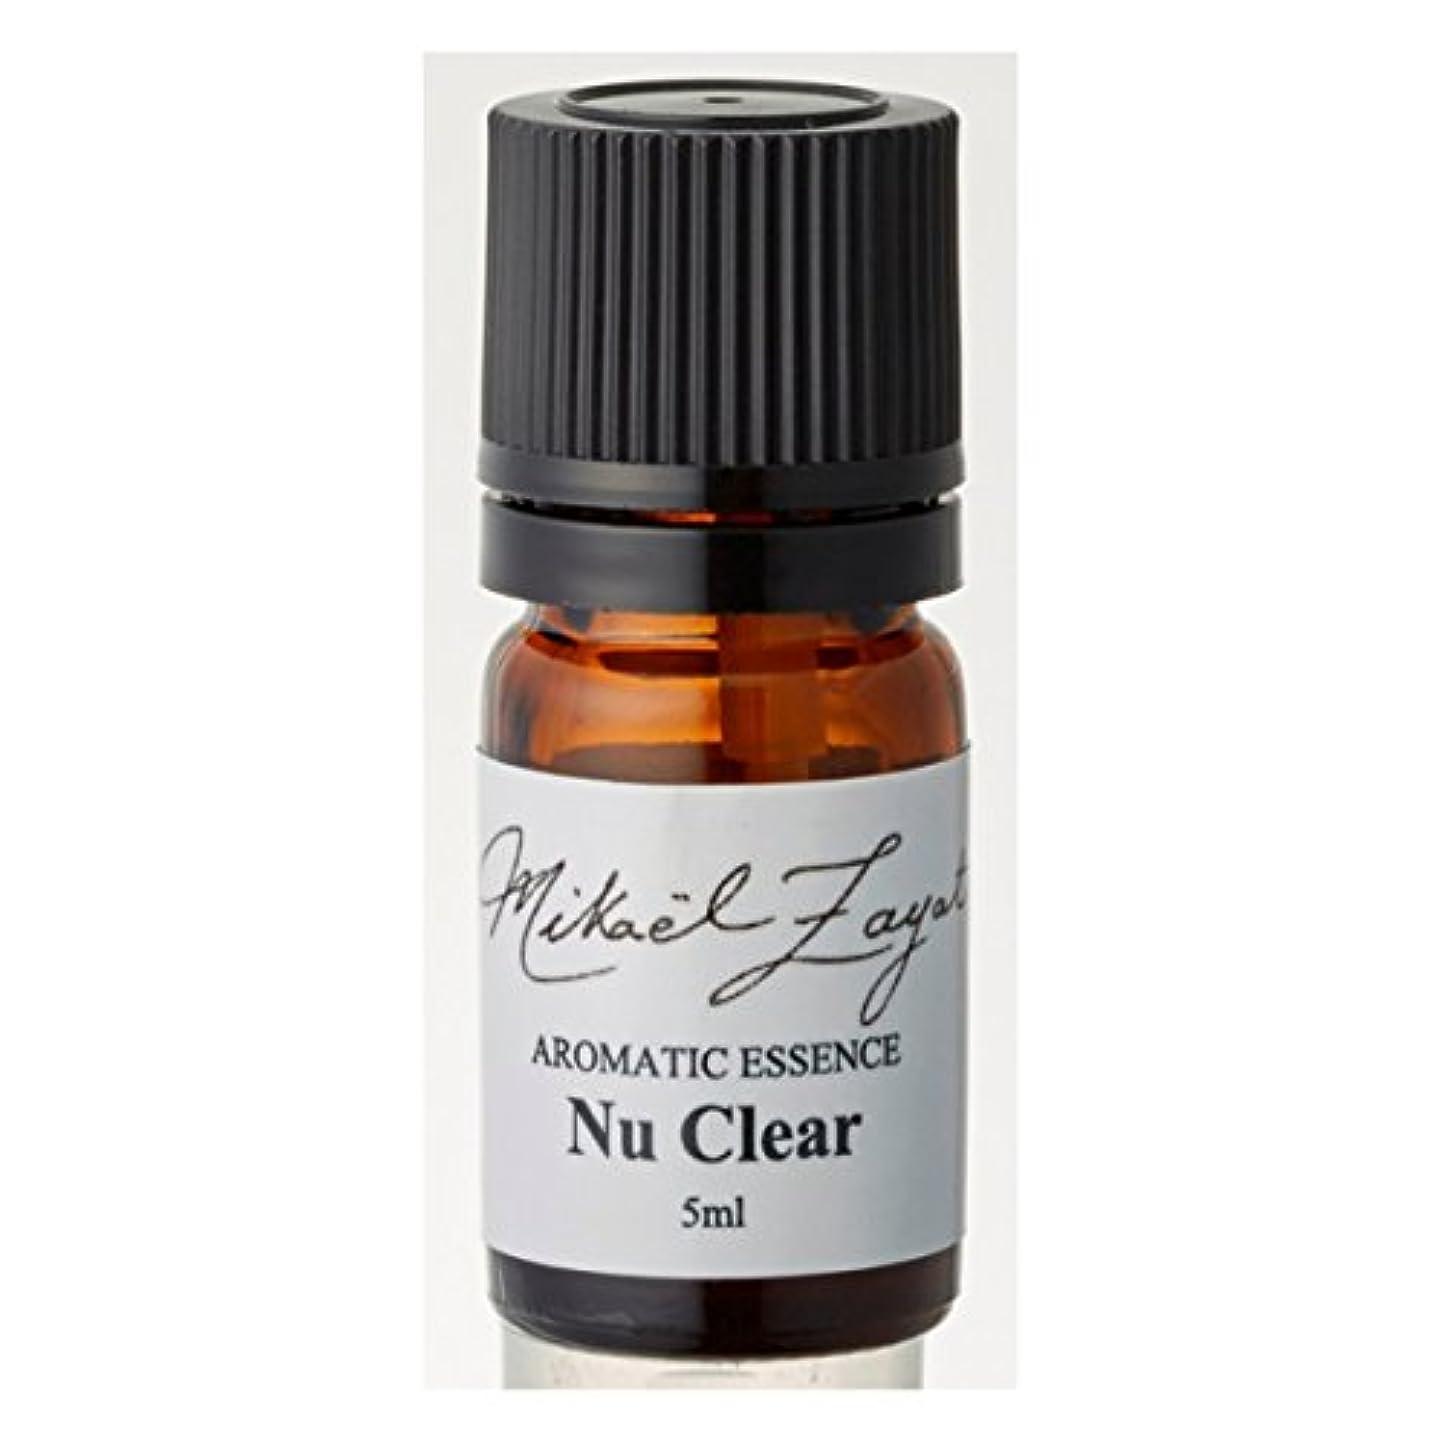 ミカエルザヤット ニュークリアー Nu-Clear 5ml/ Mikael Zayat hand made blend